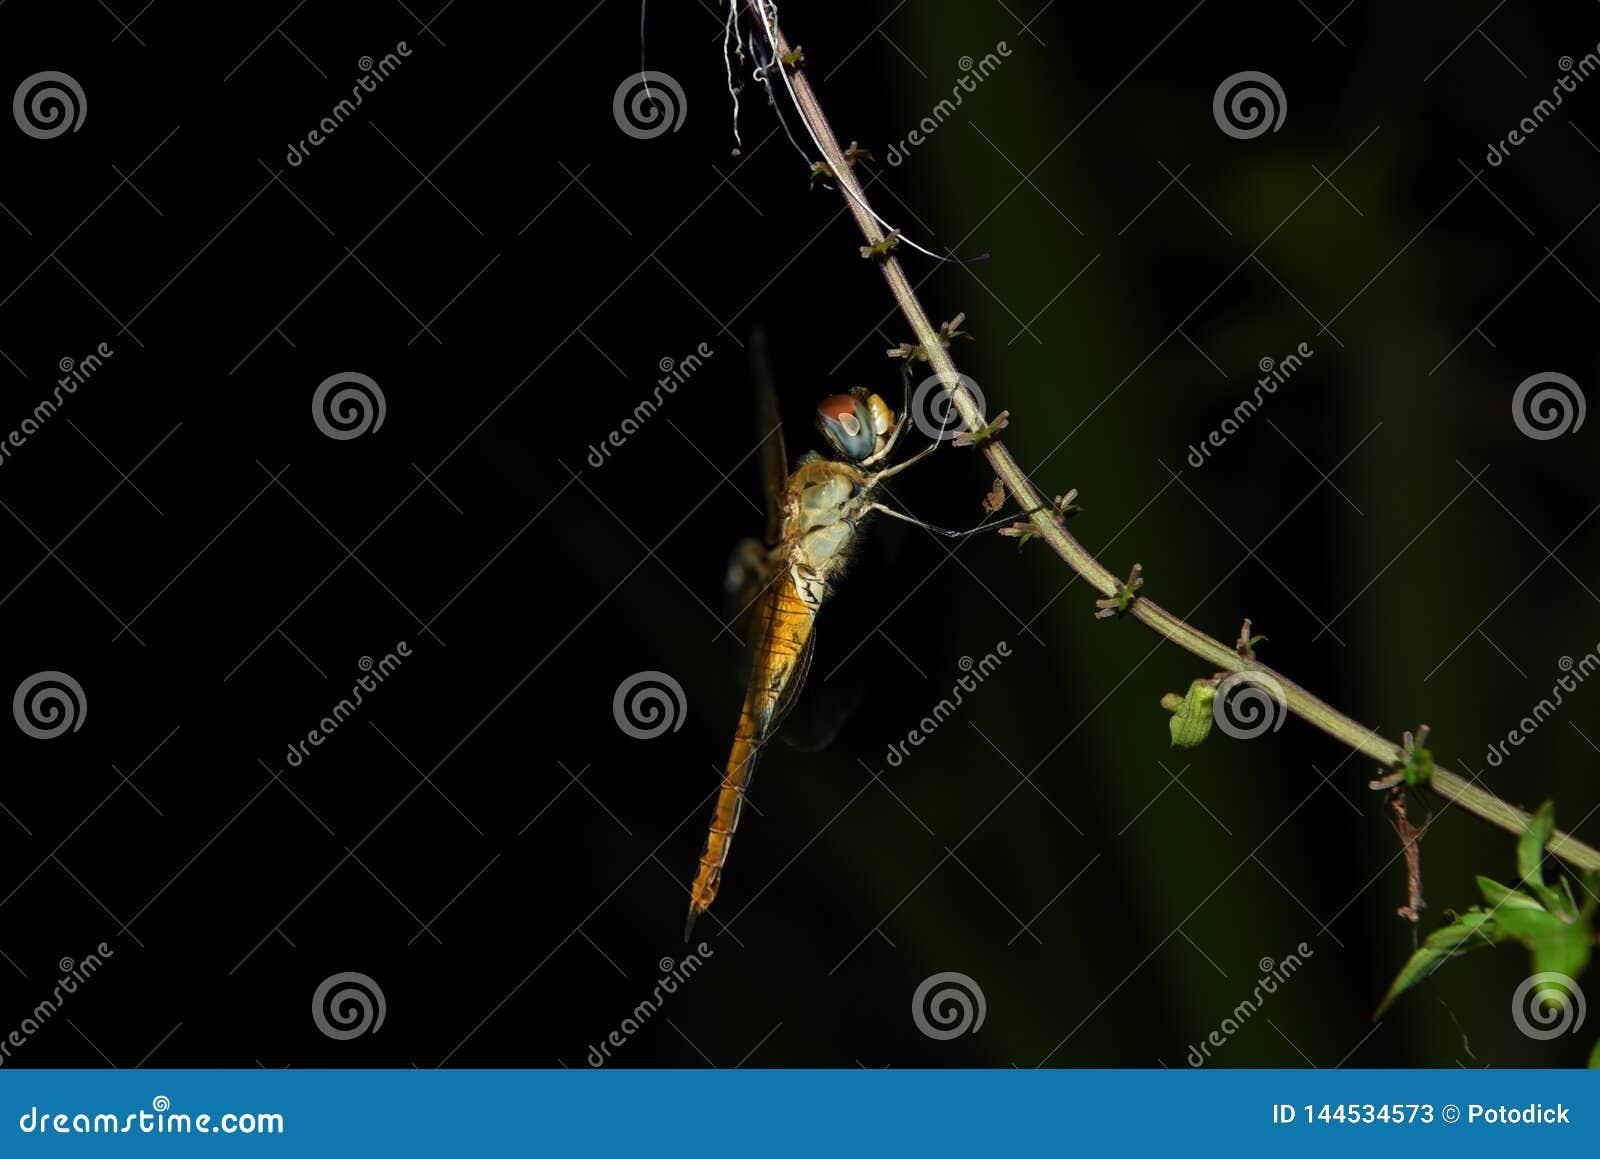 Dragonflies są czerwonawym kolorem żółtym